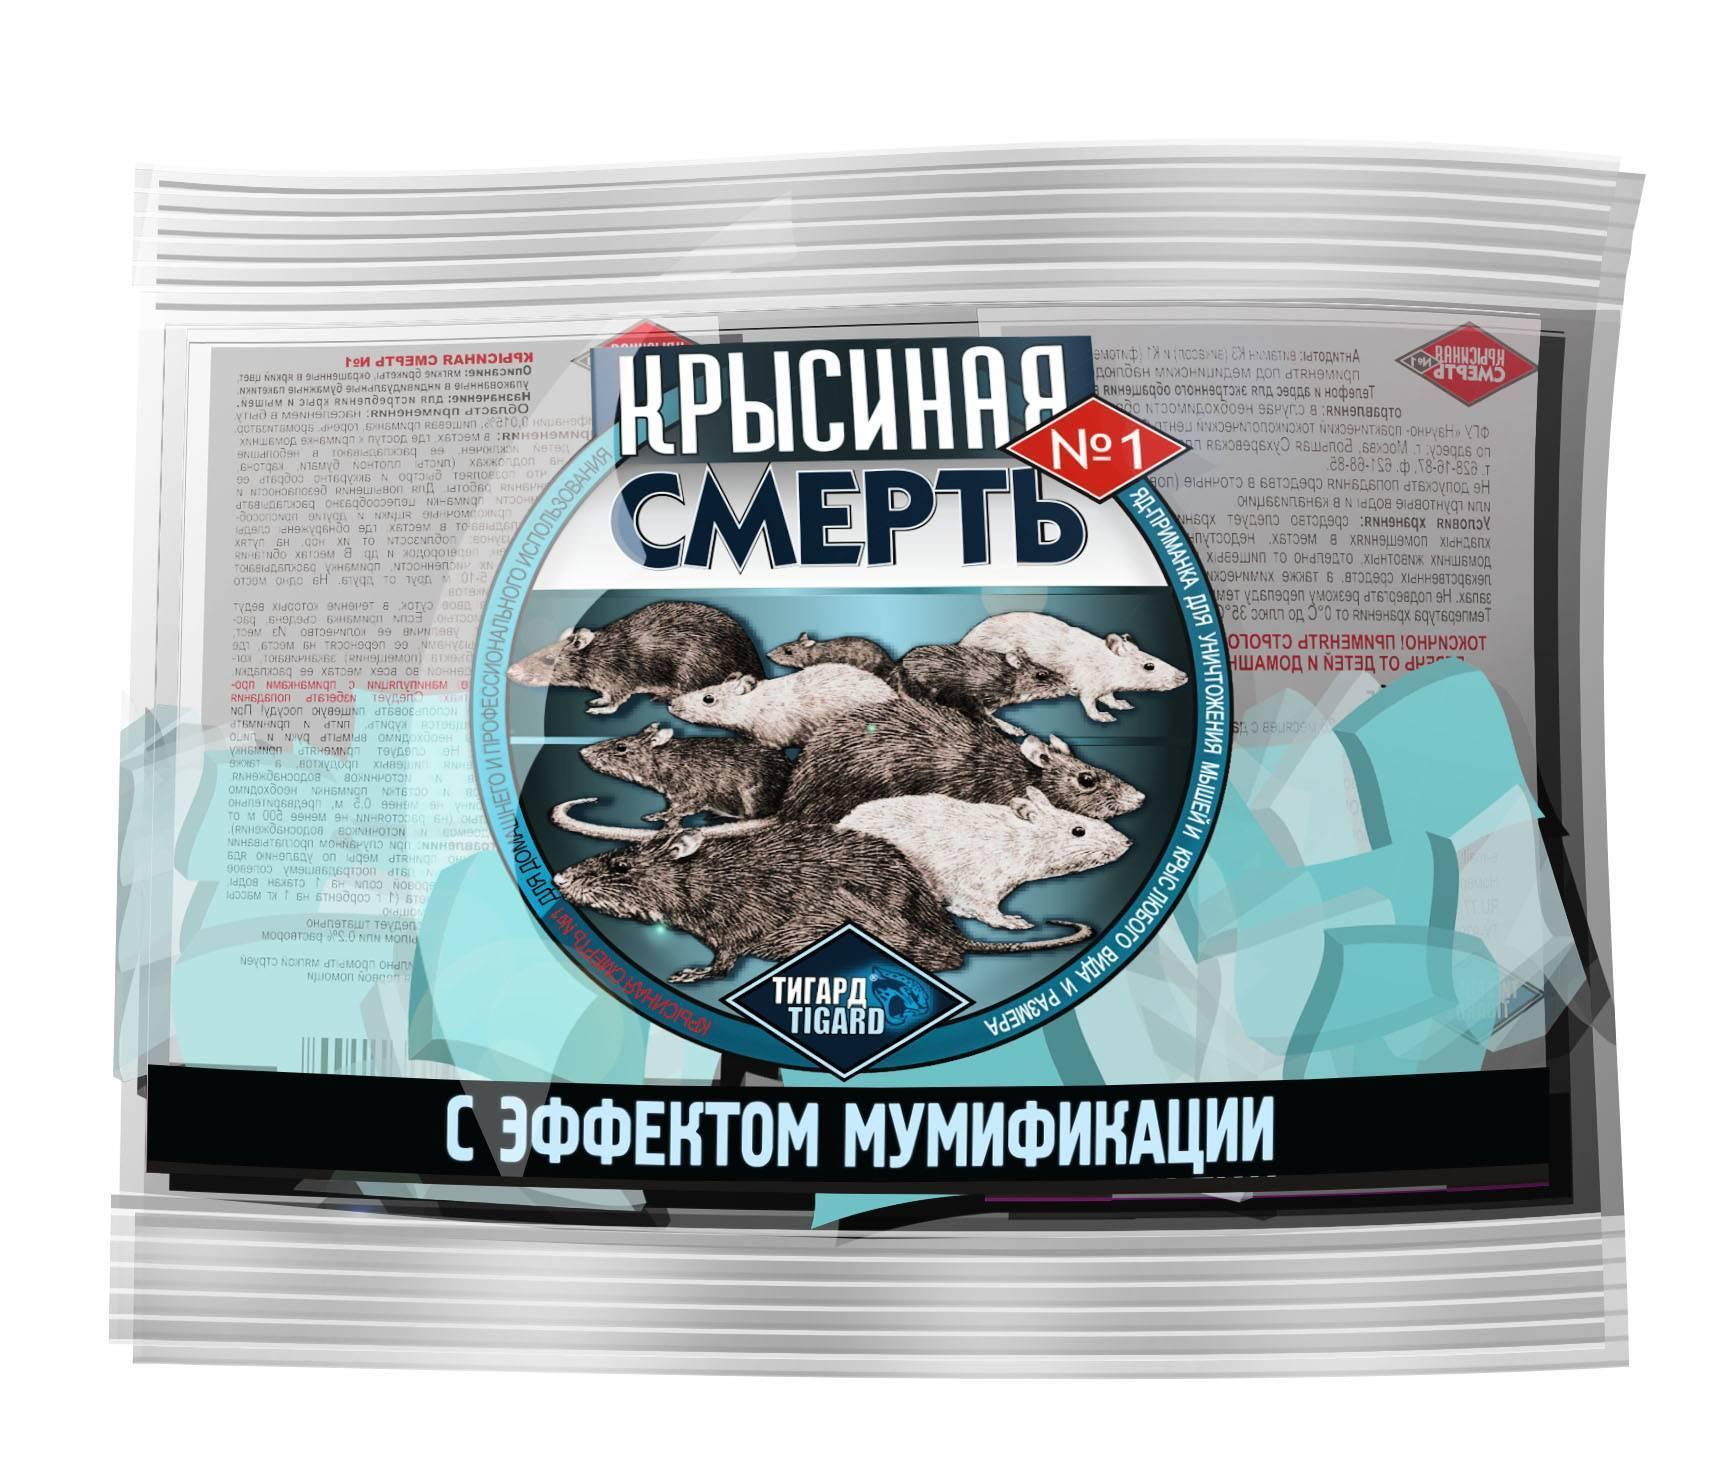 Препарат крысиная смерть инструкция. яд «крысиная смерть» - инструкция по применению и оценка эффективности